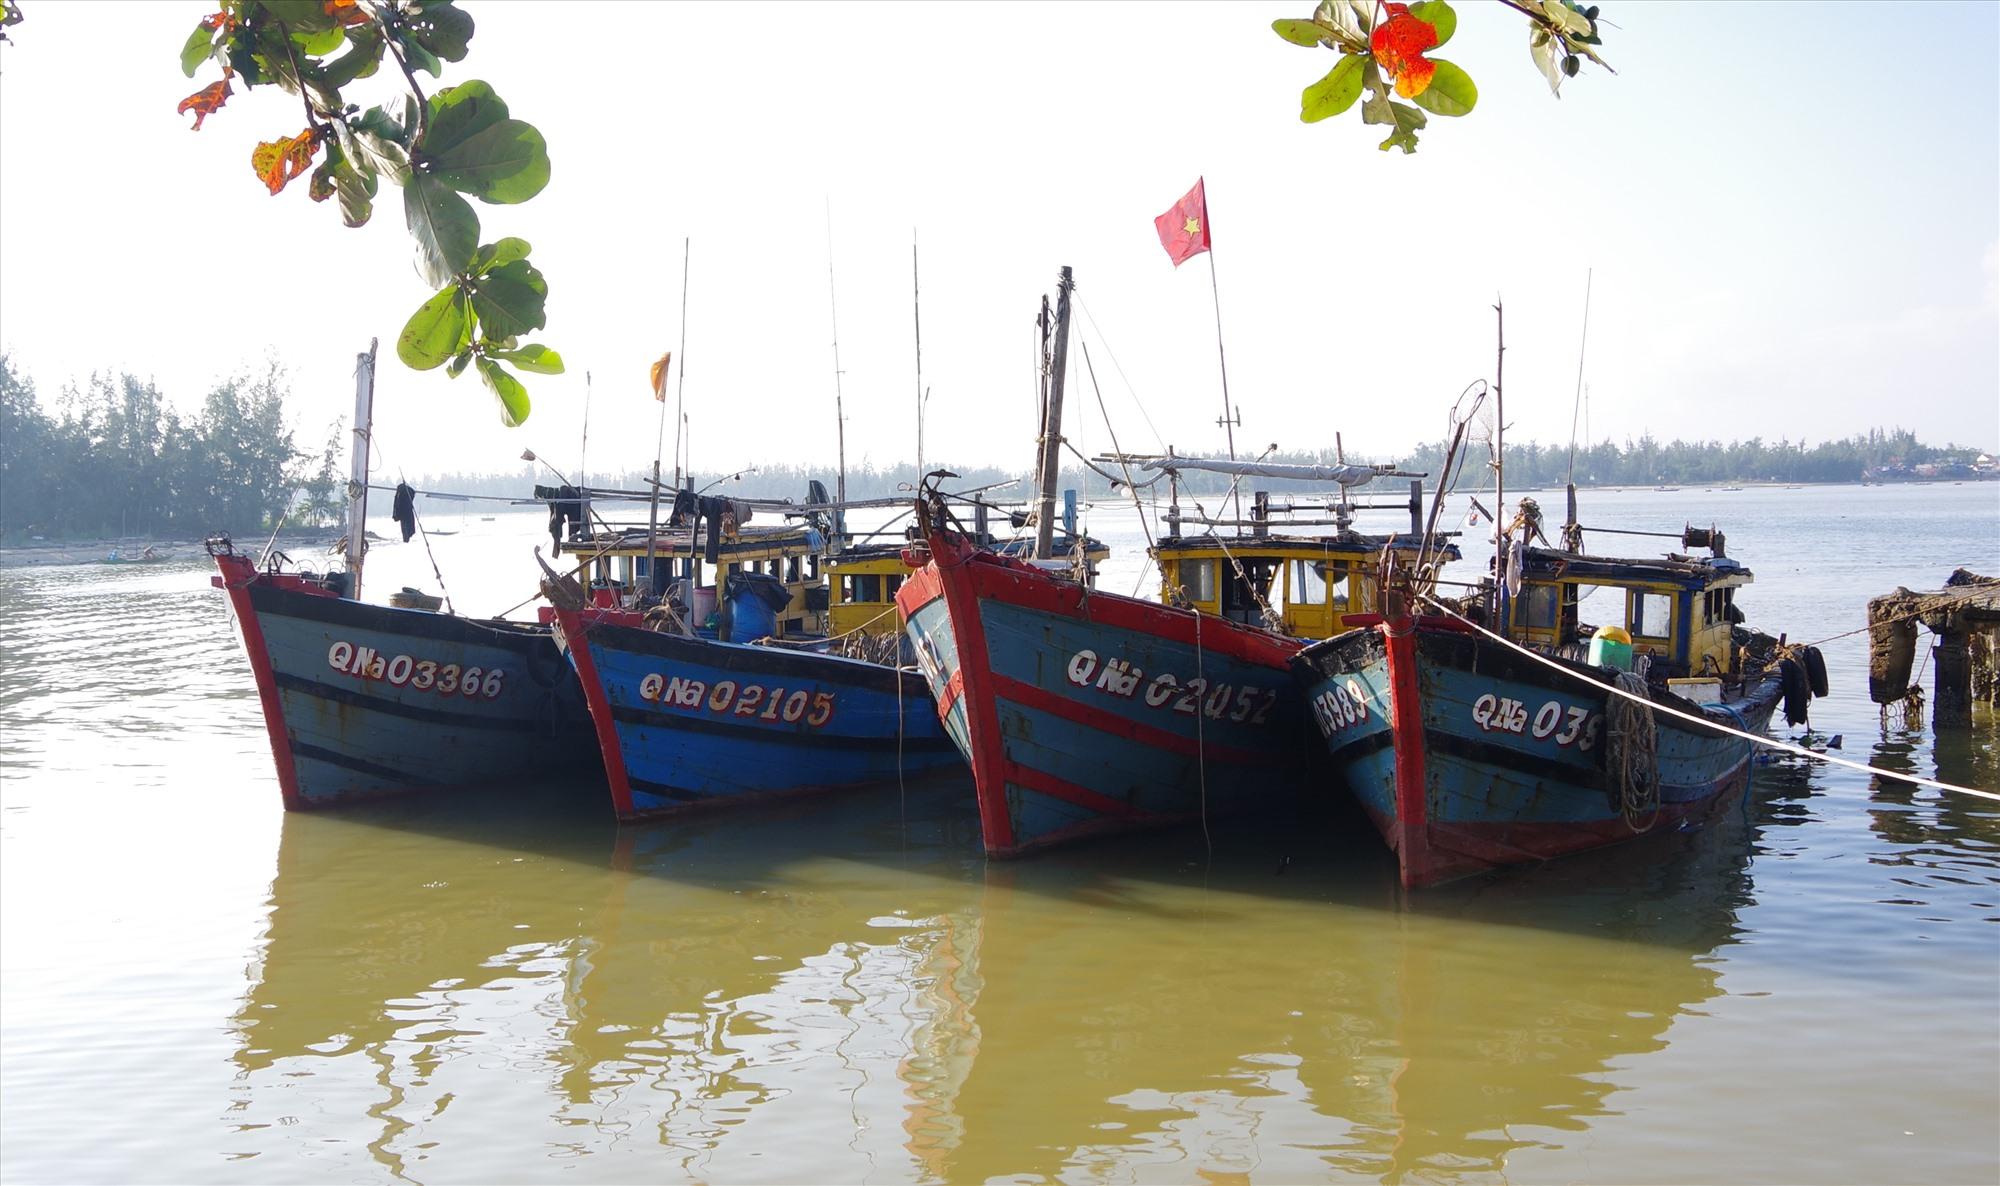 Đồn Biên phòng Cửa Đại bắt giữ 4 tàu giã cào của ngư dân phường Cẩm Nam. Ảnh: HỒNG ANH